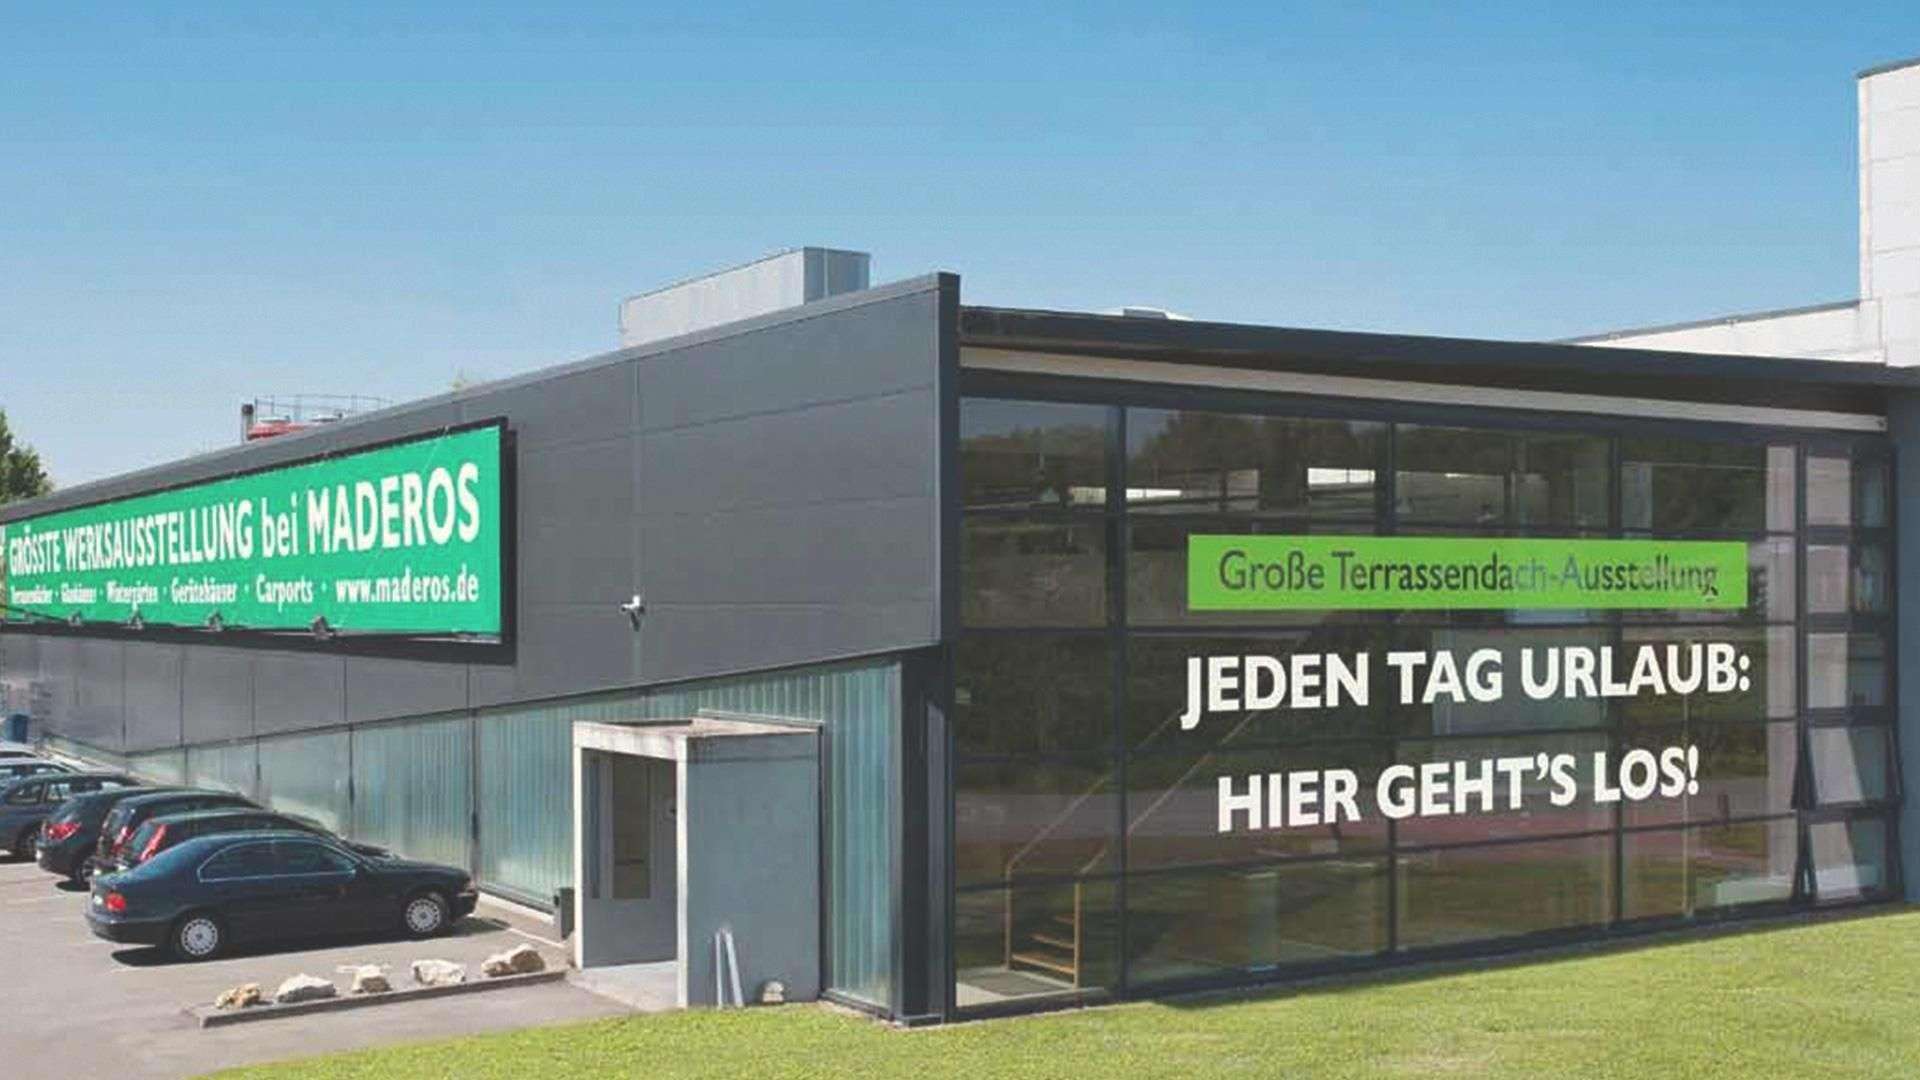 Außenansicht der Ausstellung von Maderos Hamburg